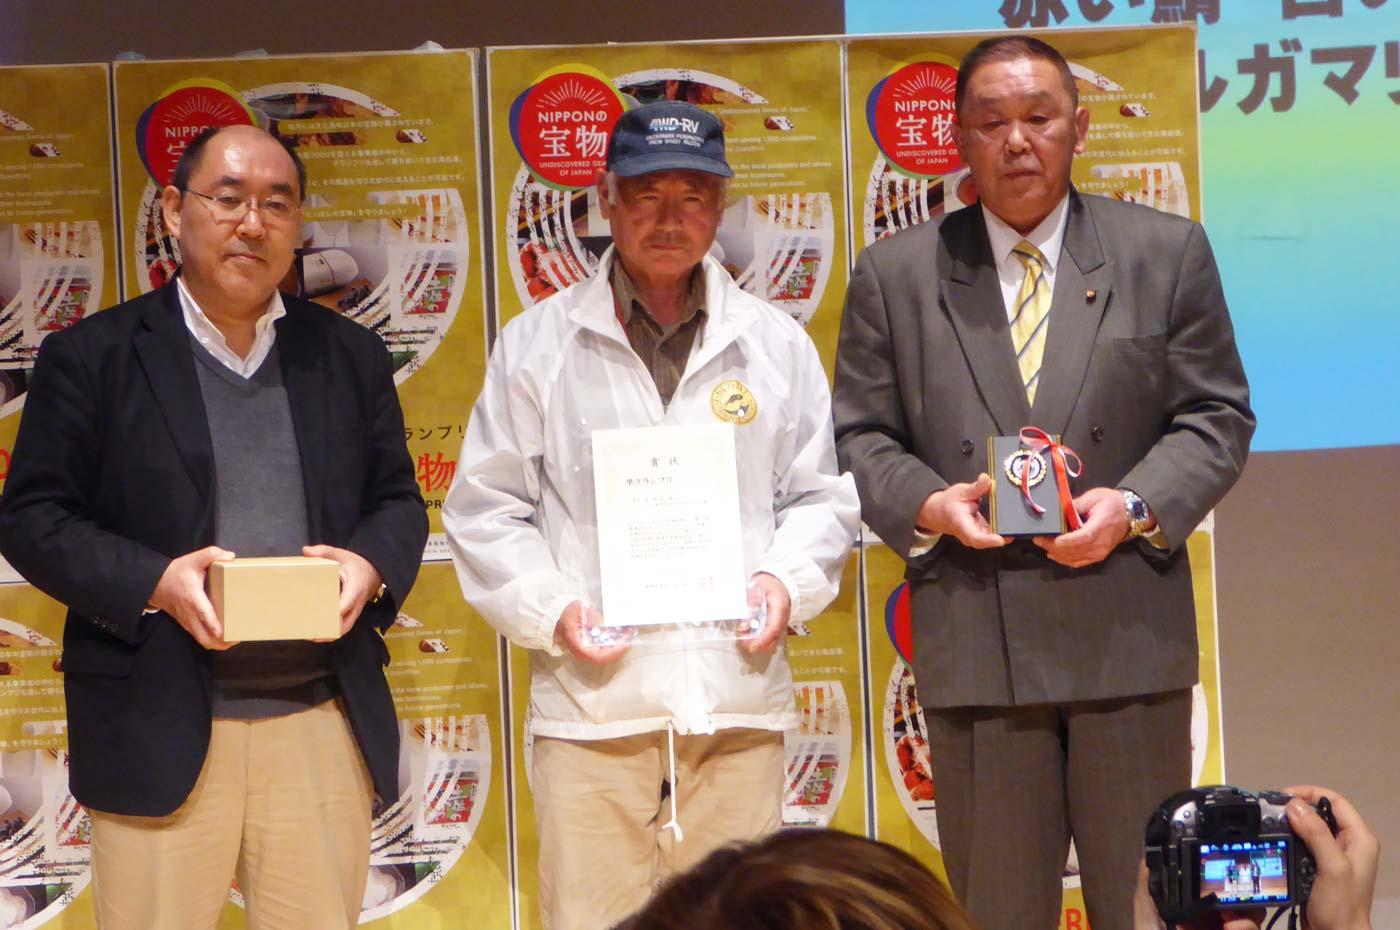 準グランプリ(赤い鯖・白い鯖)の表彰式